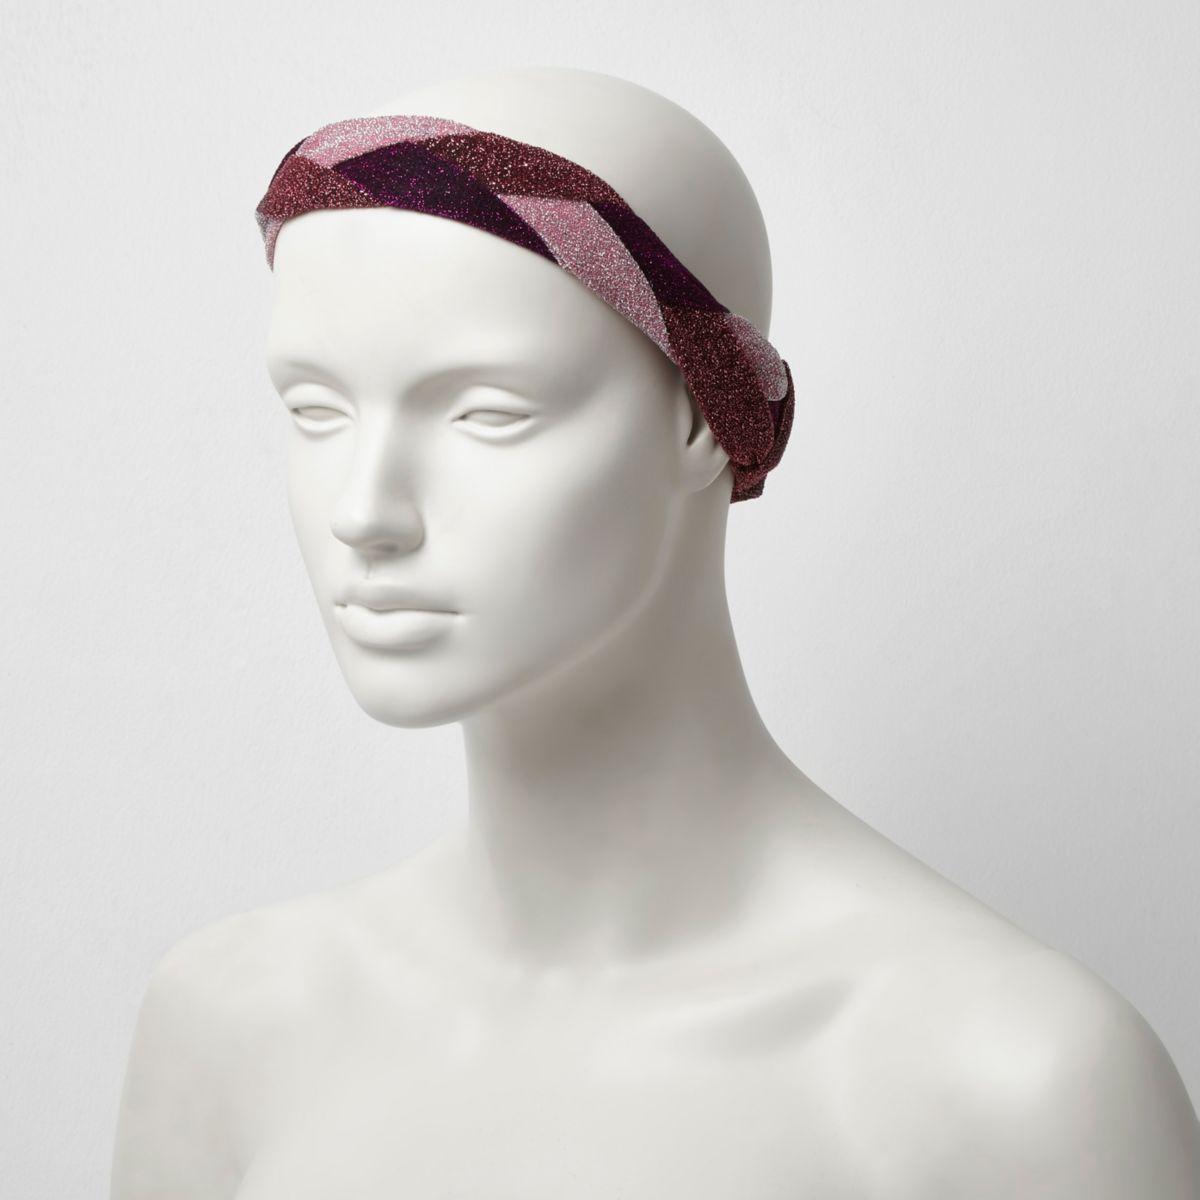 Pink metallic plaited hair band